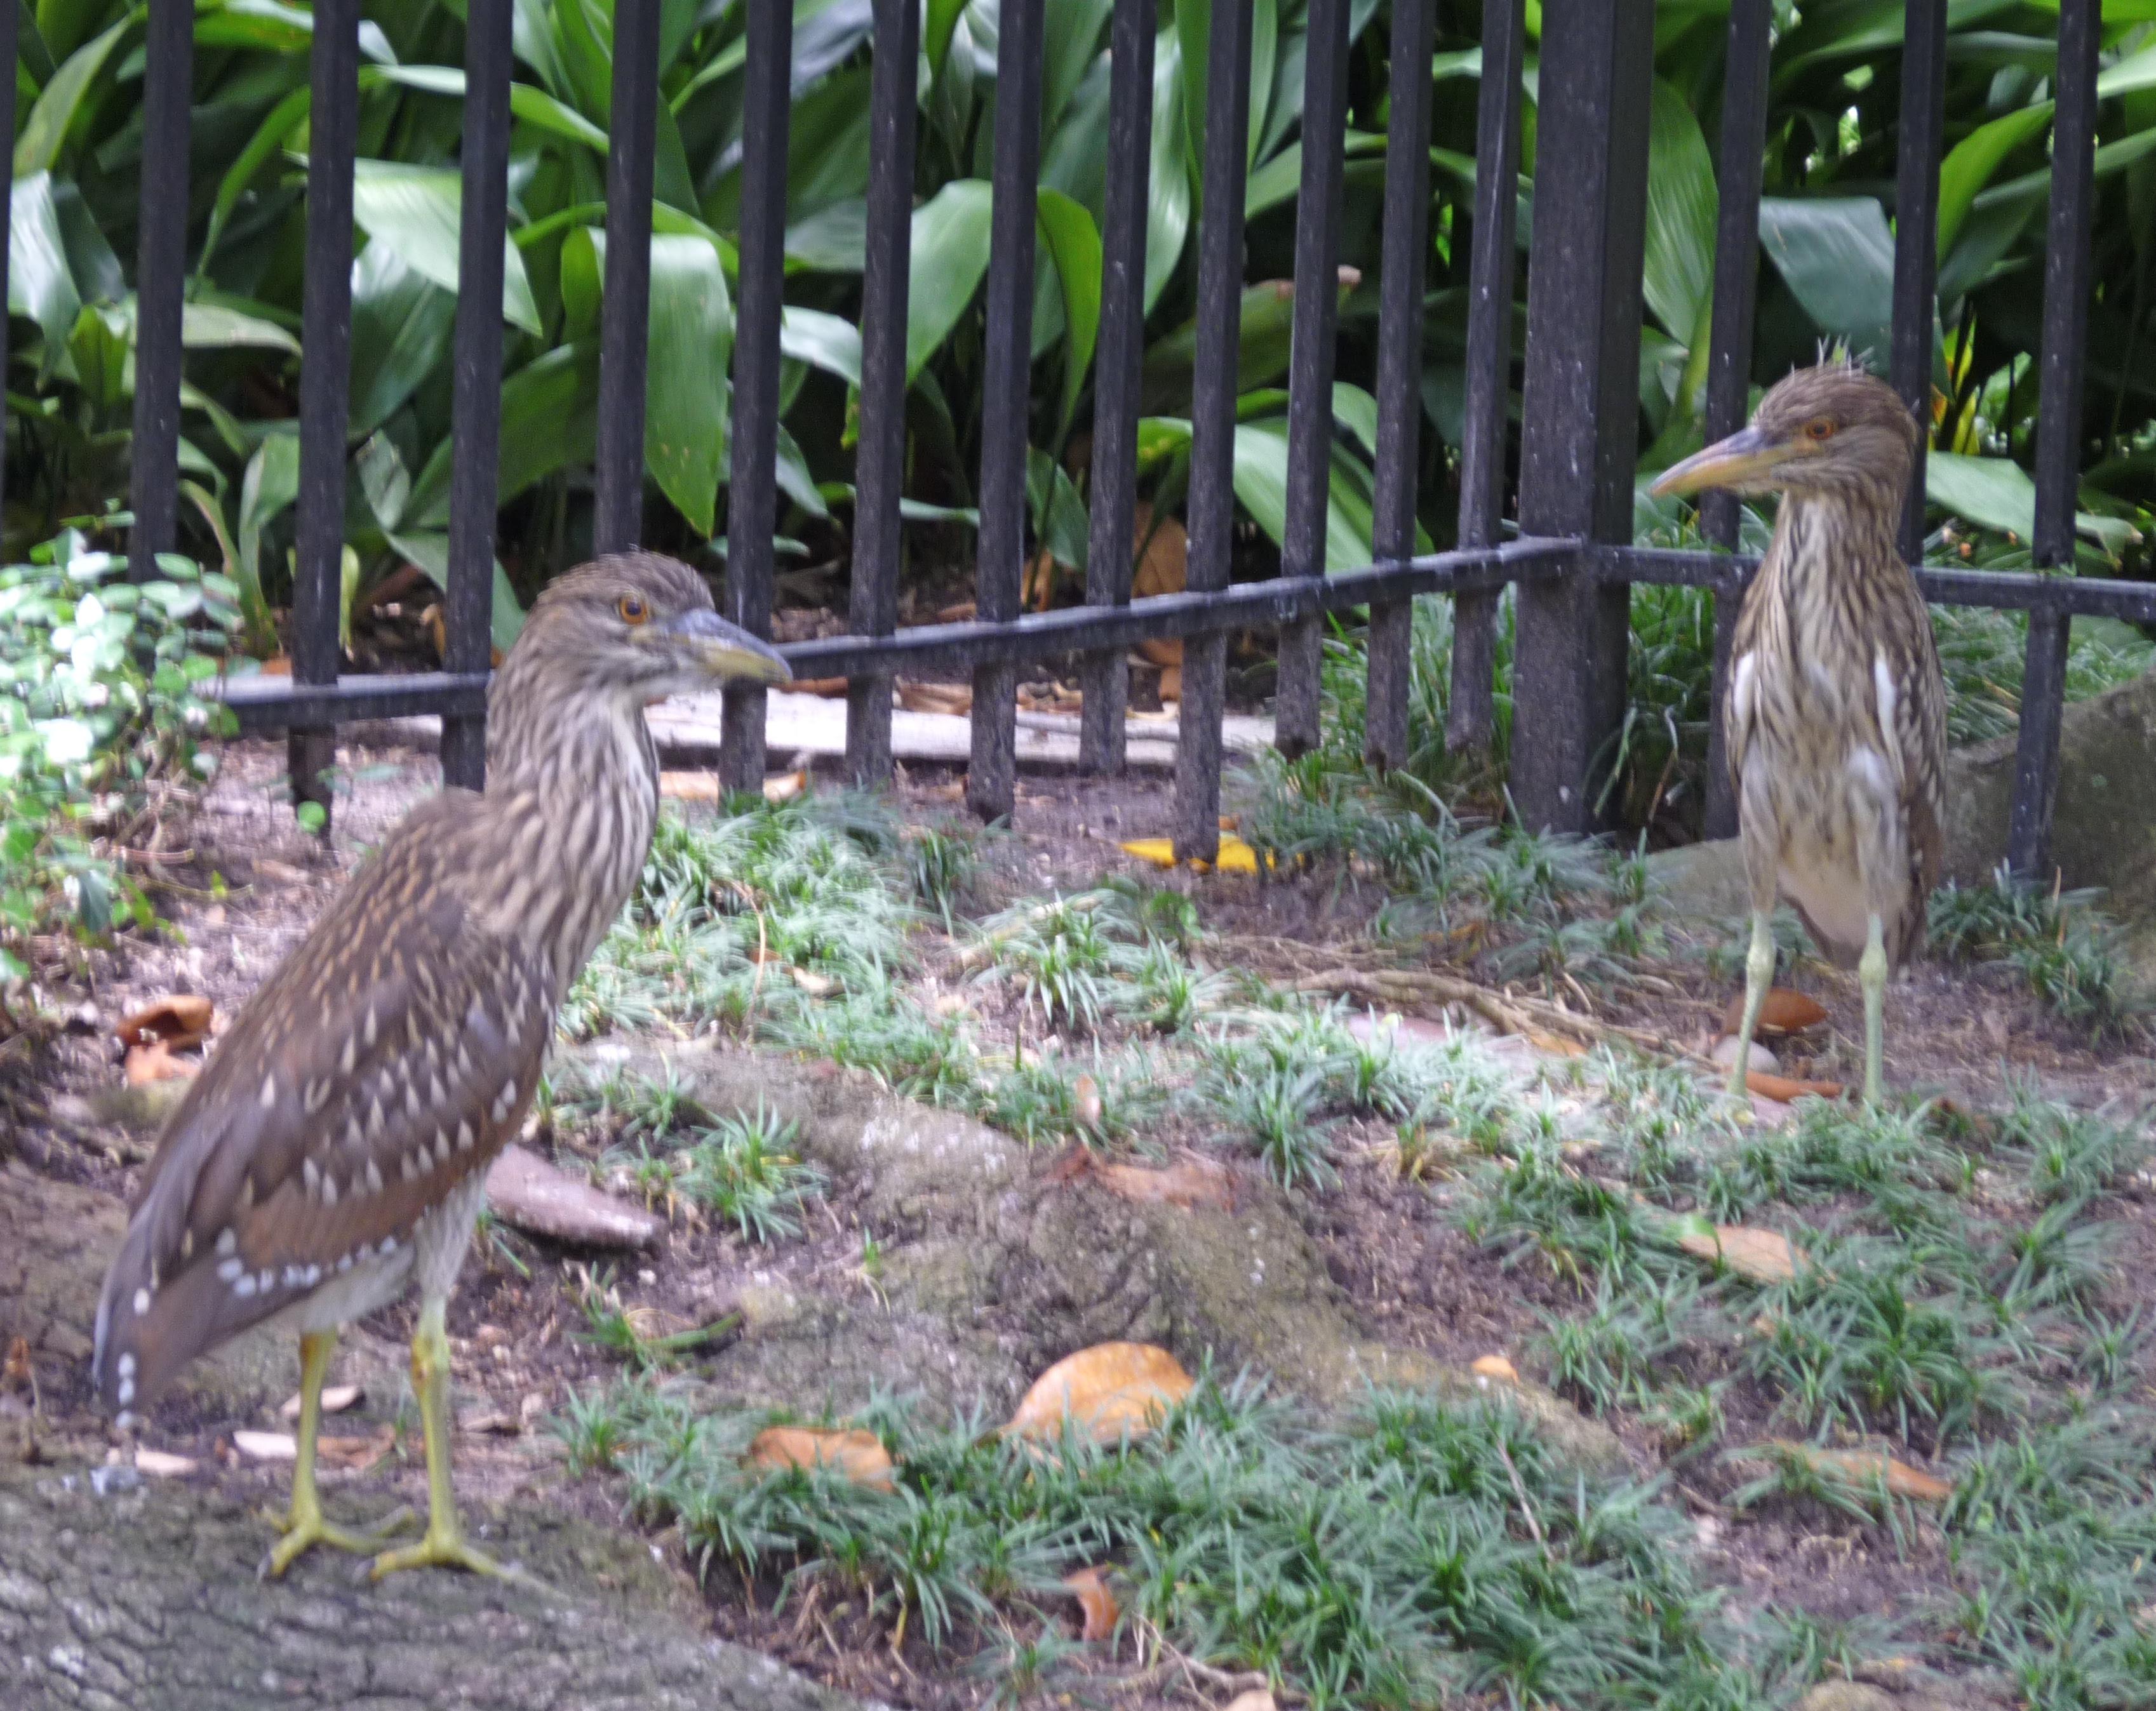 Heron Babes